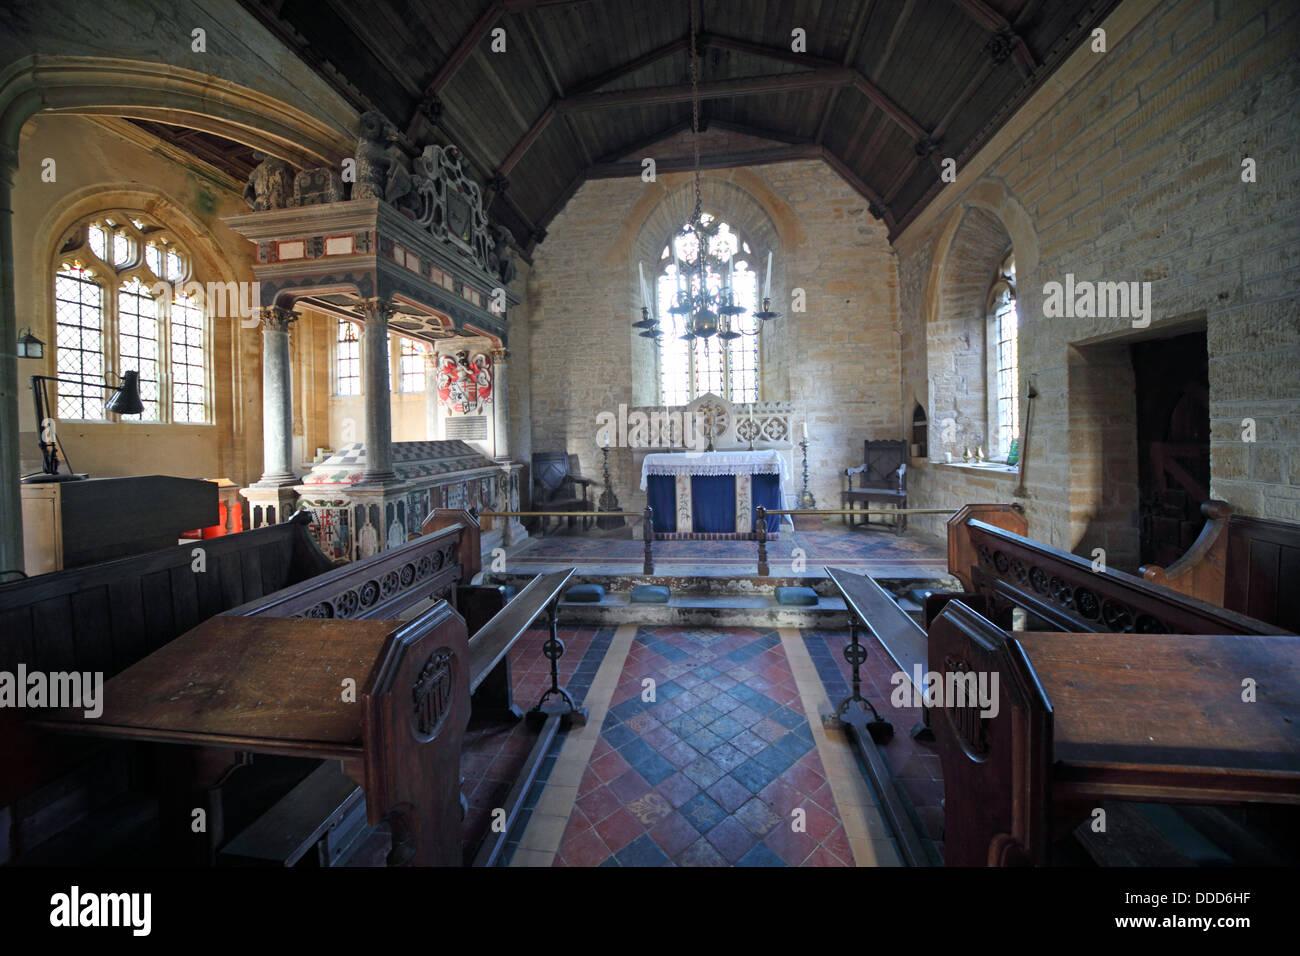 Laden Sie dieses Alamy Stockfoto St Andrews Kirche, Brympton D'Evercy, Odcombe, in der Nähe von Yeovil, Somerset, South West England, - DDD6HF